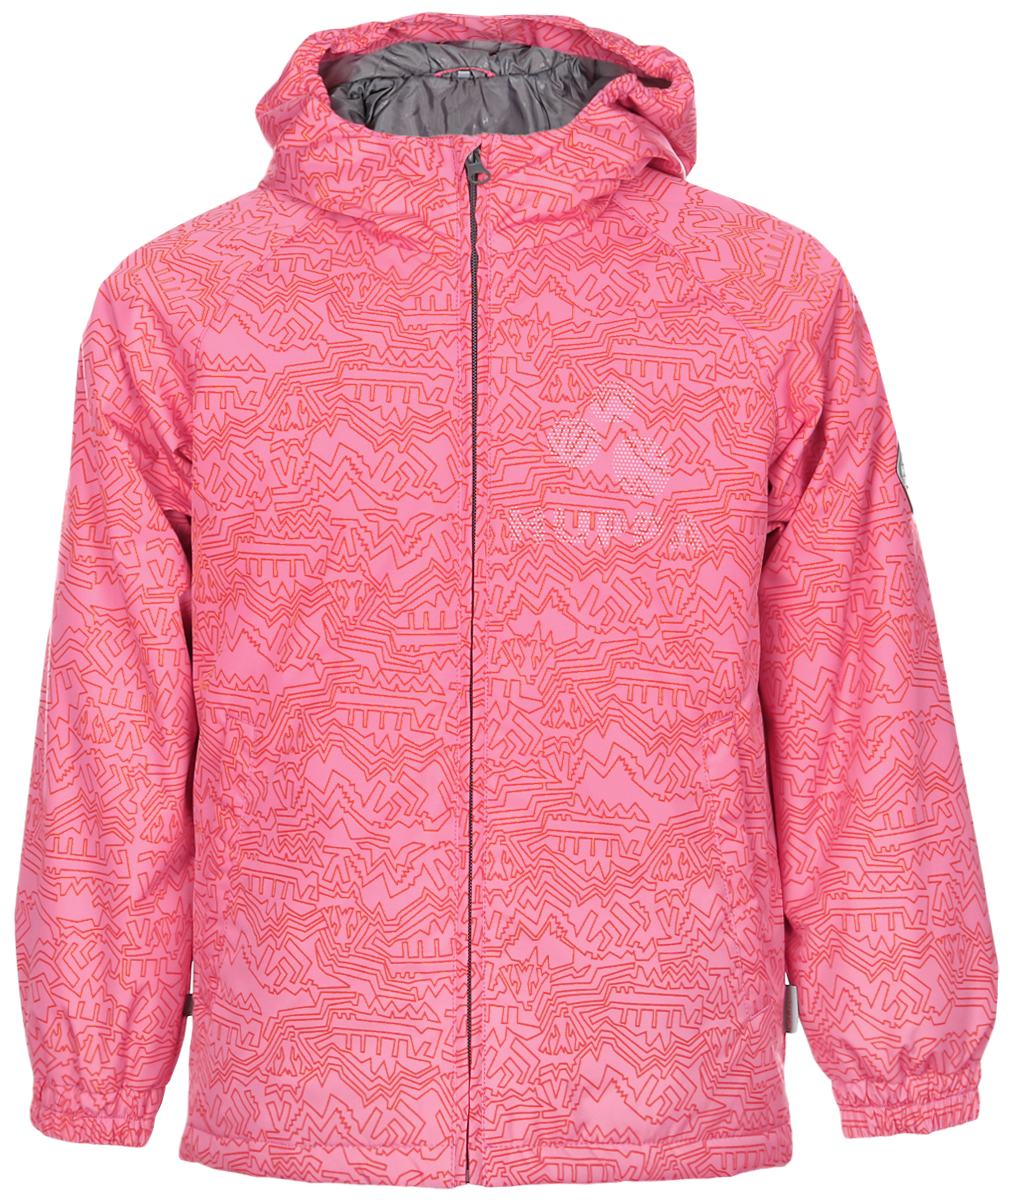 Куртка детская Huppa Classy 1, цвет: розовый. 17710010-913. Размер 12217710010-913Детская куртка Huppa изготовлена из водонепроницаемого полиэстера. Куртка с капюшоном застегивается на пластиковую застежку-молнию с защитой подбородка. Высокотехнологичный лёгкий синтетический утеплитель нового поколения сохраняет объём и высокую теплоизоляцию изделия. Края капюшона и рукавов собраны на внутренние резинки. У модели имеются два врезных кармана. Изделие дополнено светоотражающими элементами.Выдерживает температуру до -5°C.